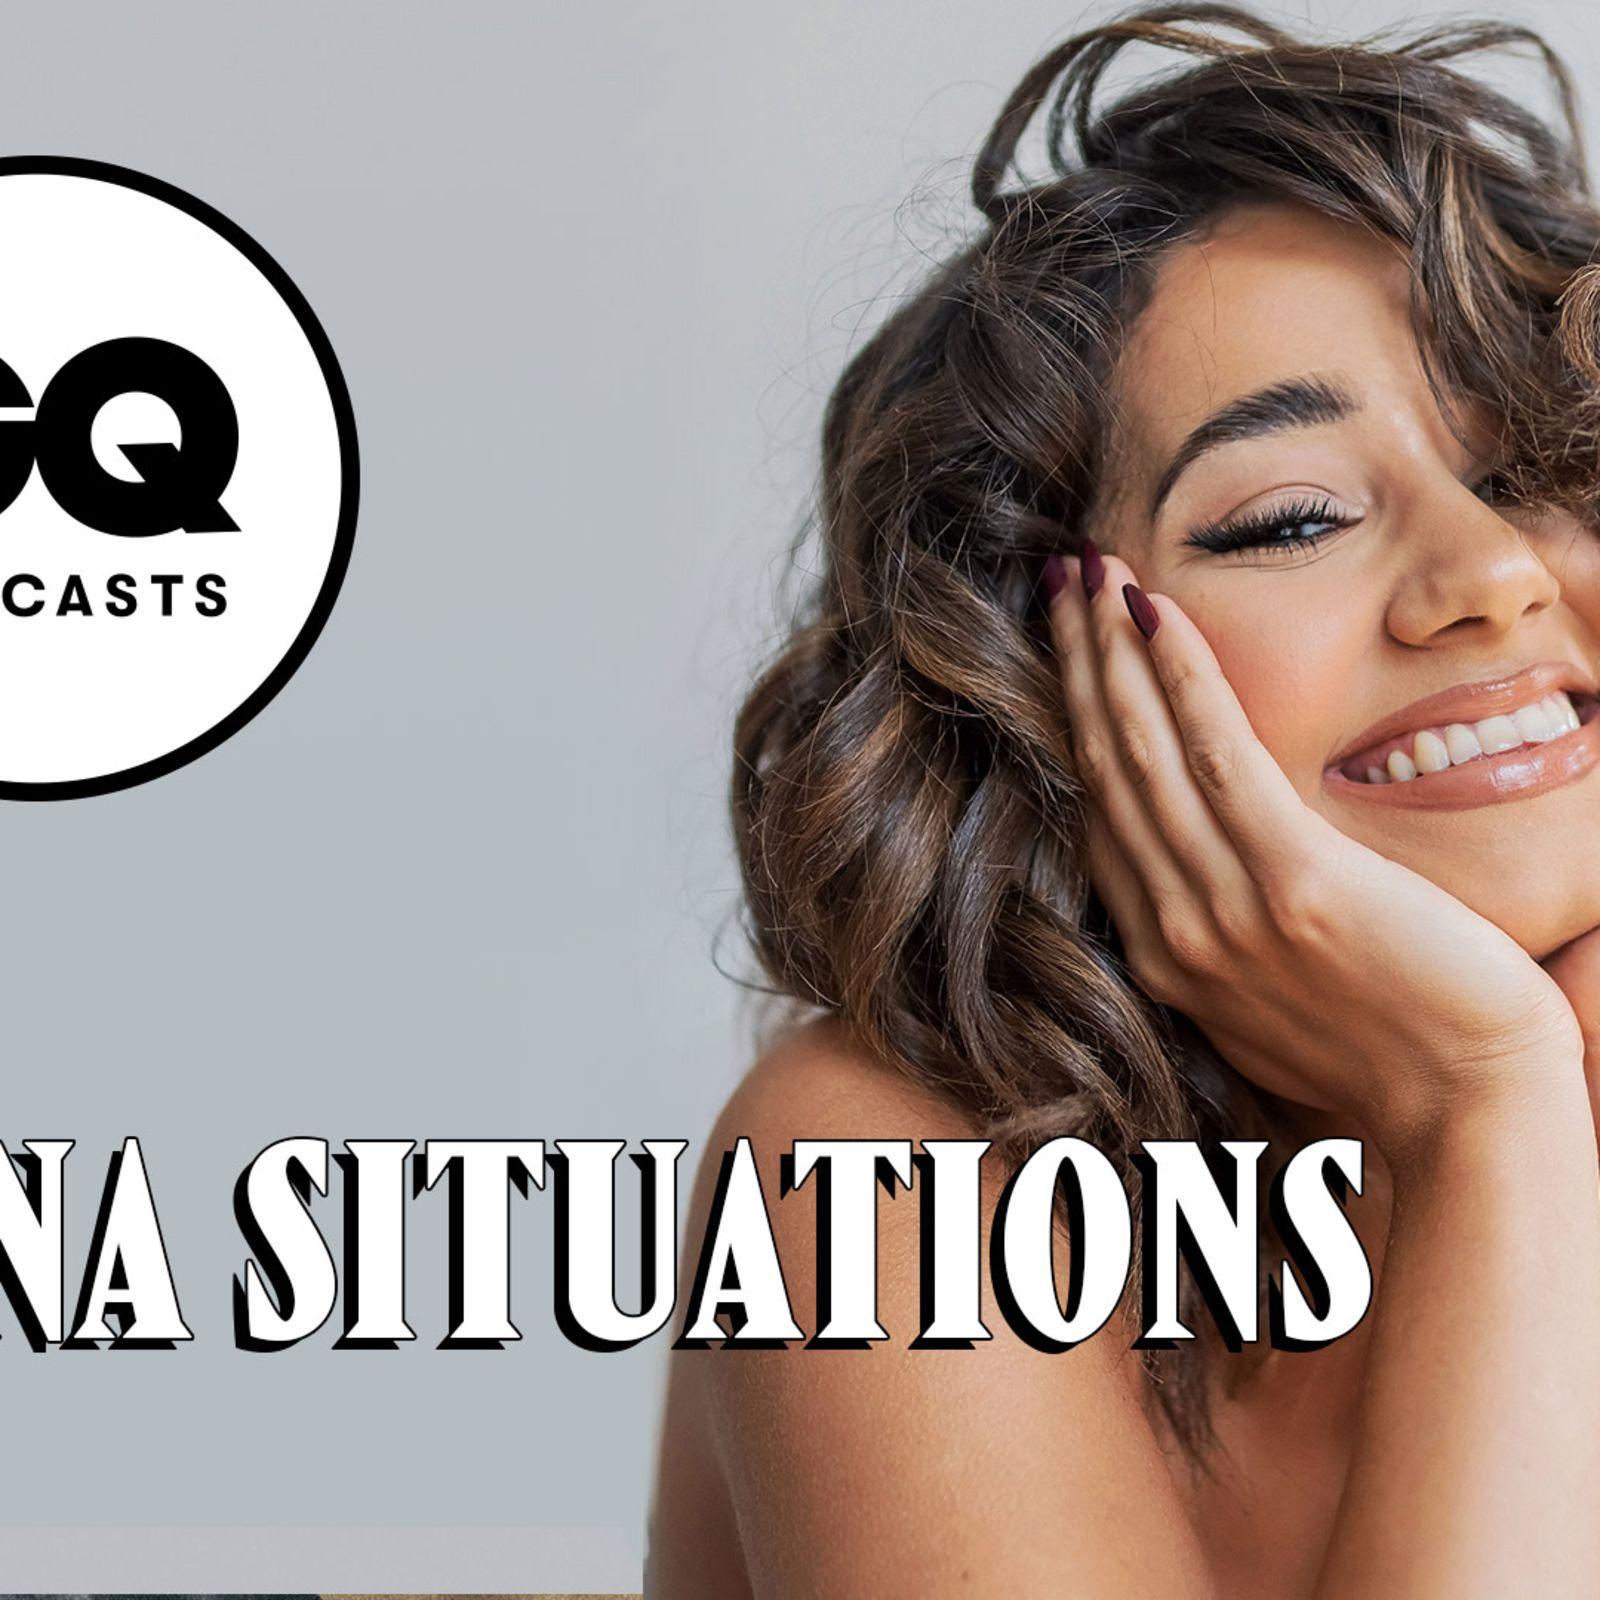 Lena Situations : Faut-il vraiment choisir entre rester ado ou devenir adulte ?